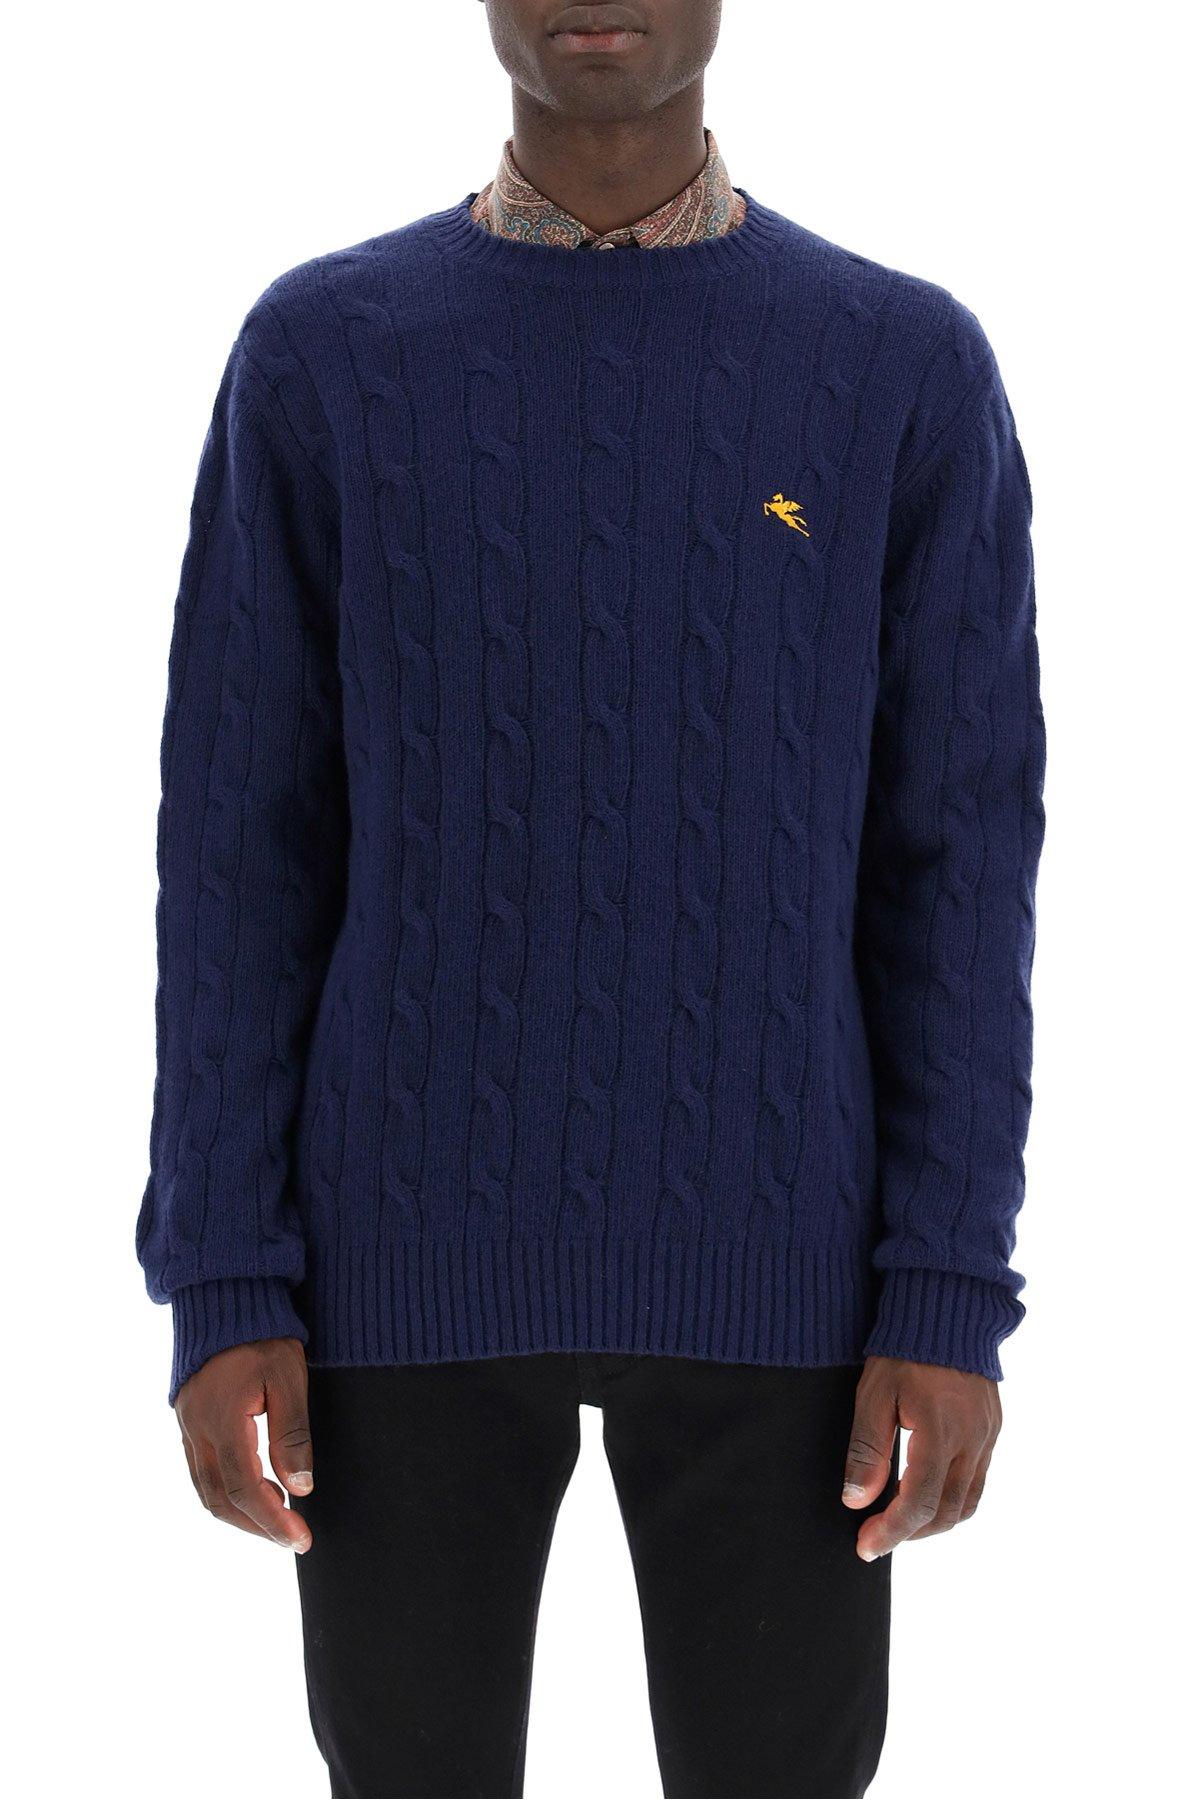 Etro pullover in lana a trecce